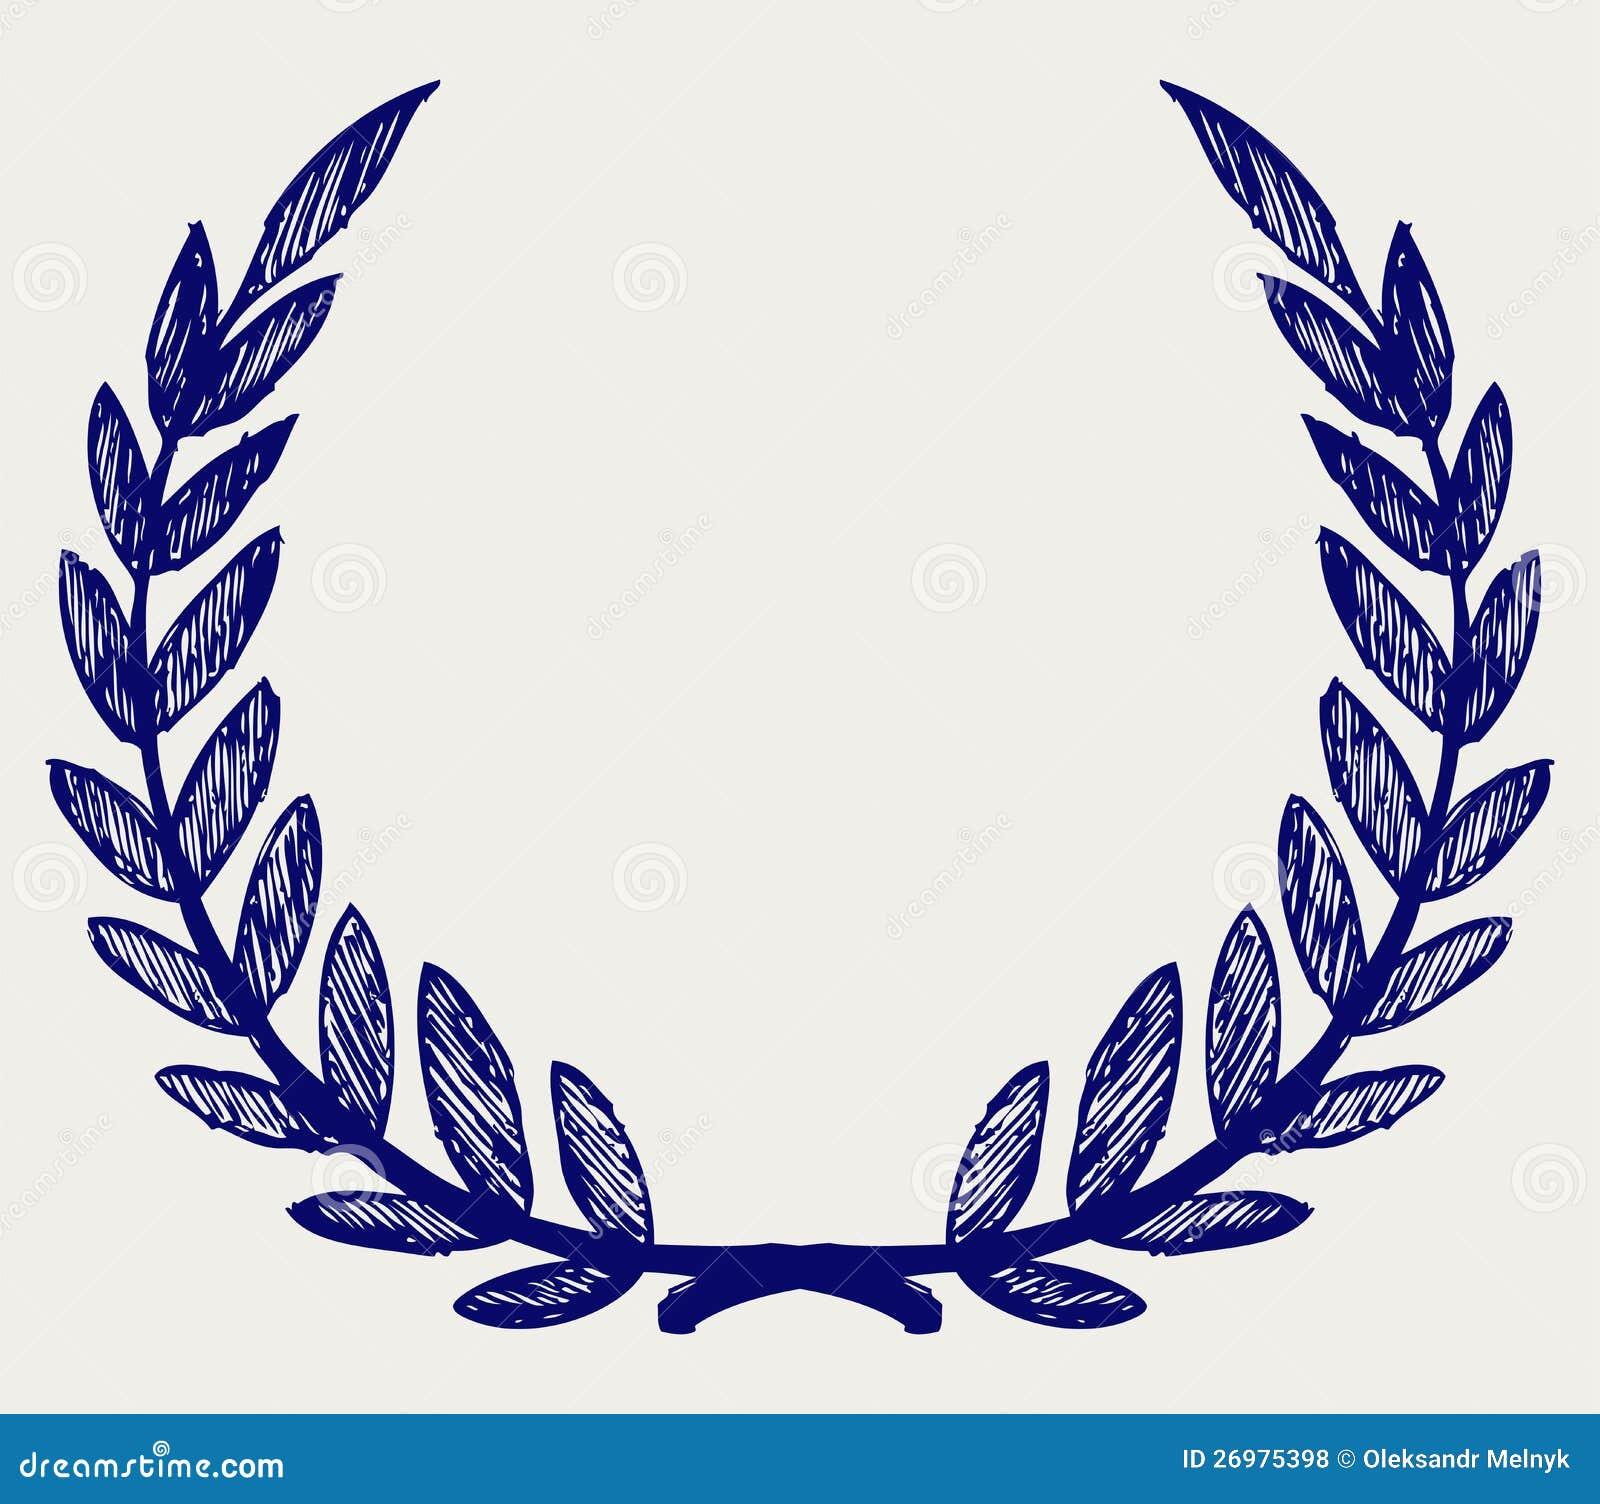 Vector Laurel Wreath Clip Art